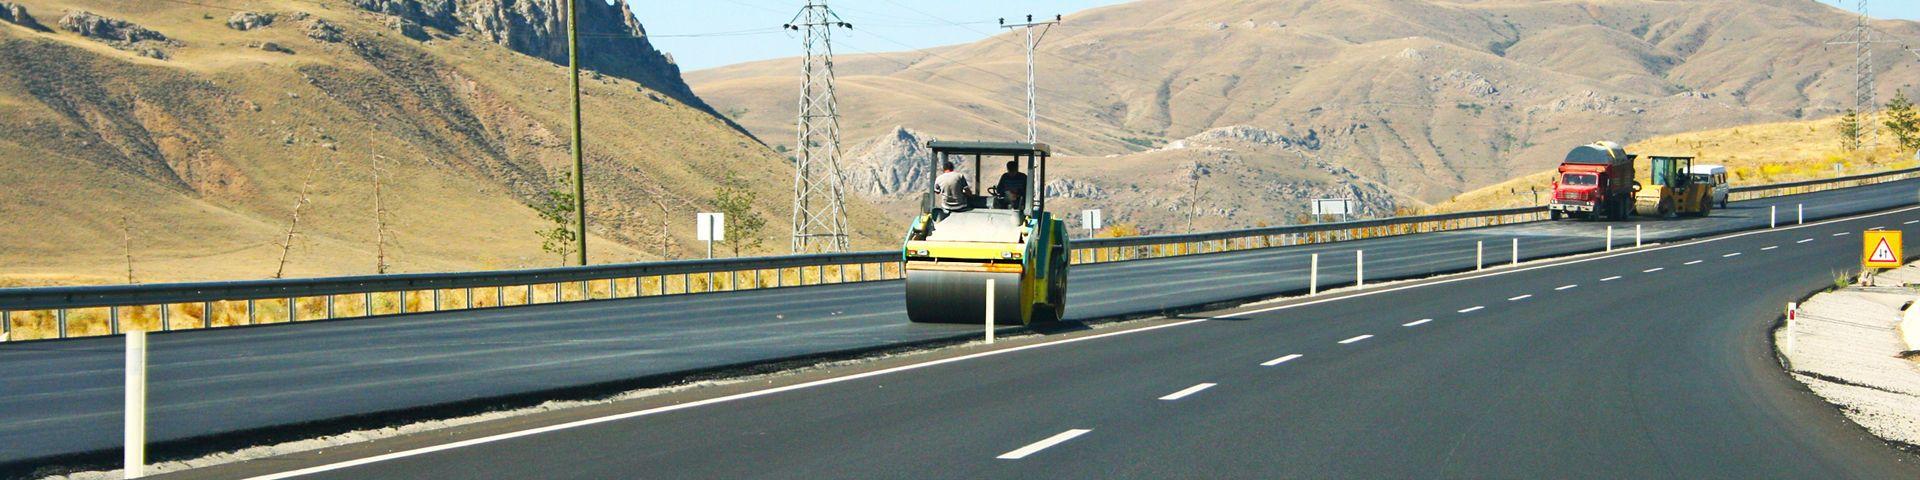 realizzazione strade, grandi appalti